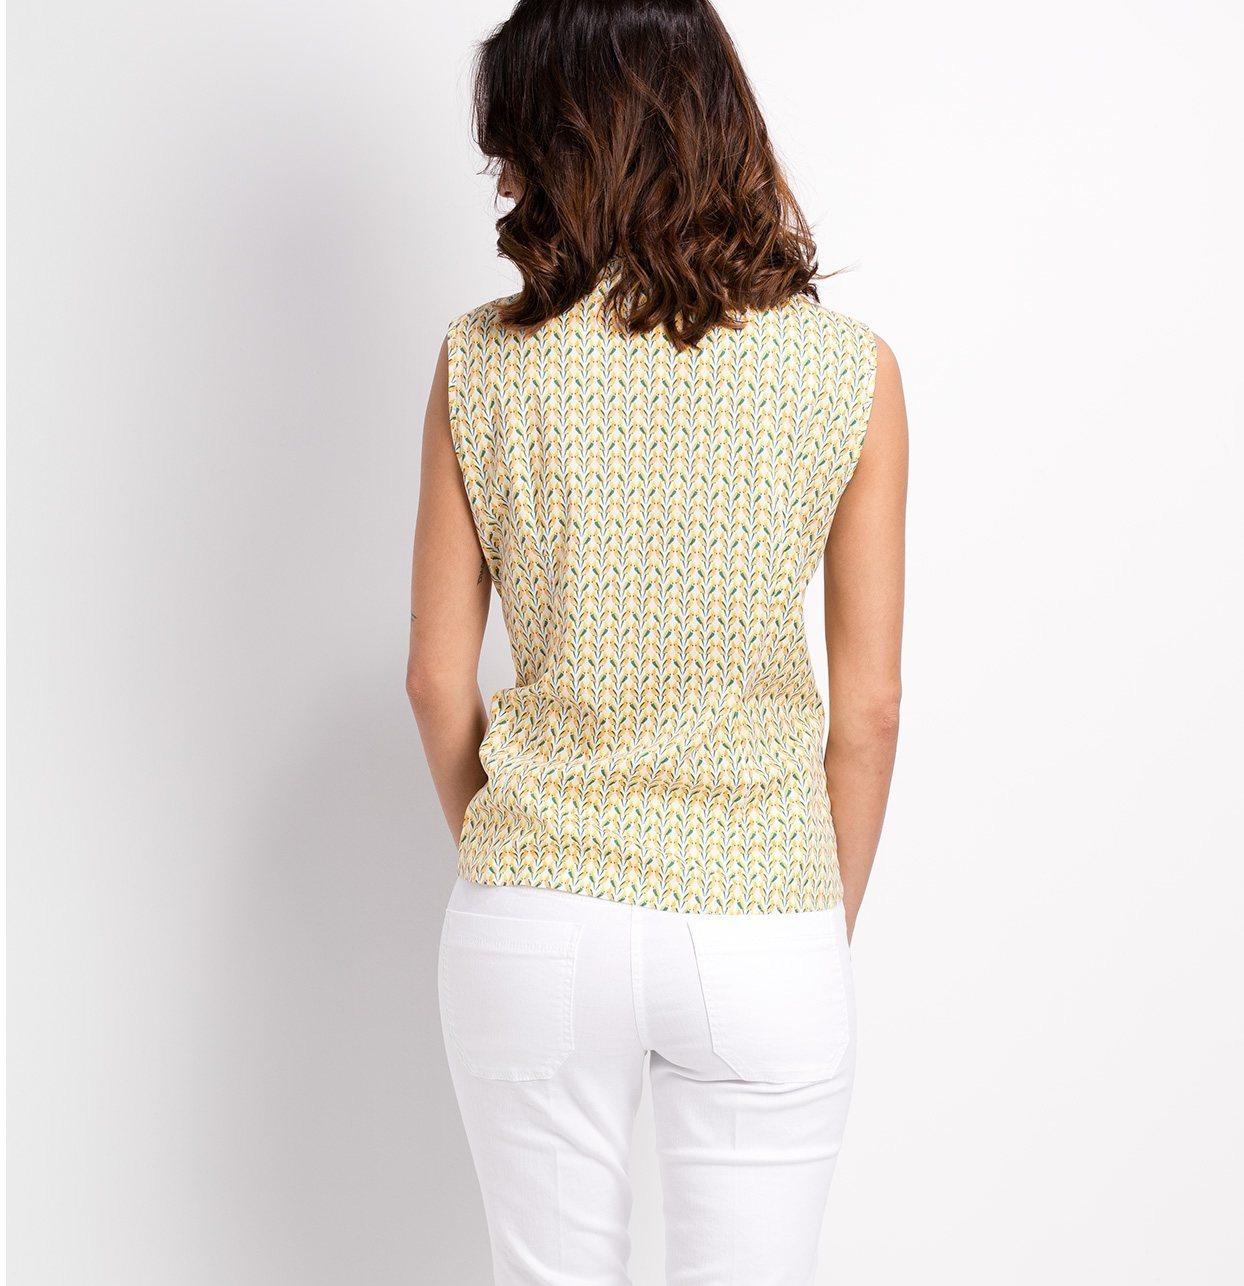 Camisa woman entallada manga sisa modelo ADA estampado de pájaros color amarillo 96% Algodón 4% Elastán - Ítem1